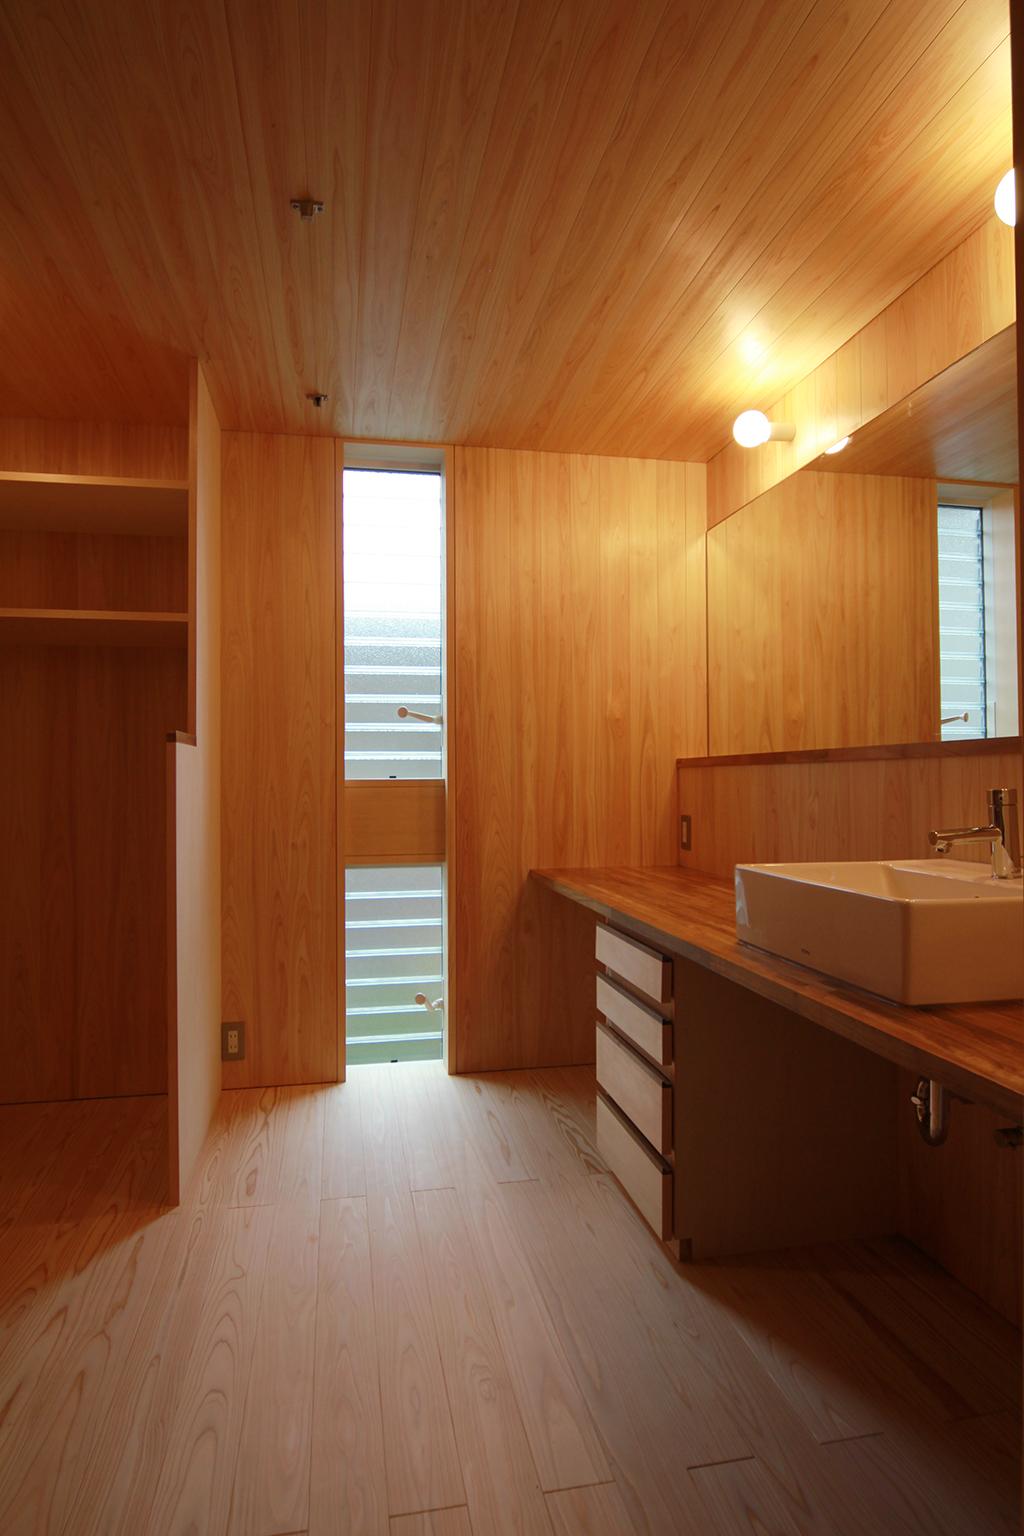 姫路市の木の家 桧貼りの洗面脱衣室